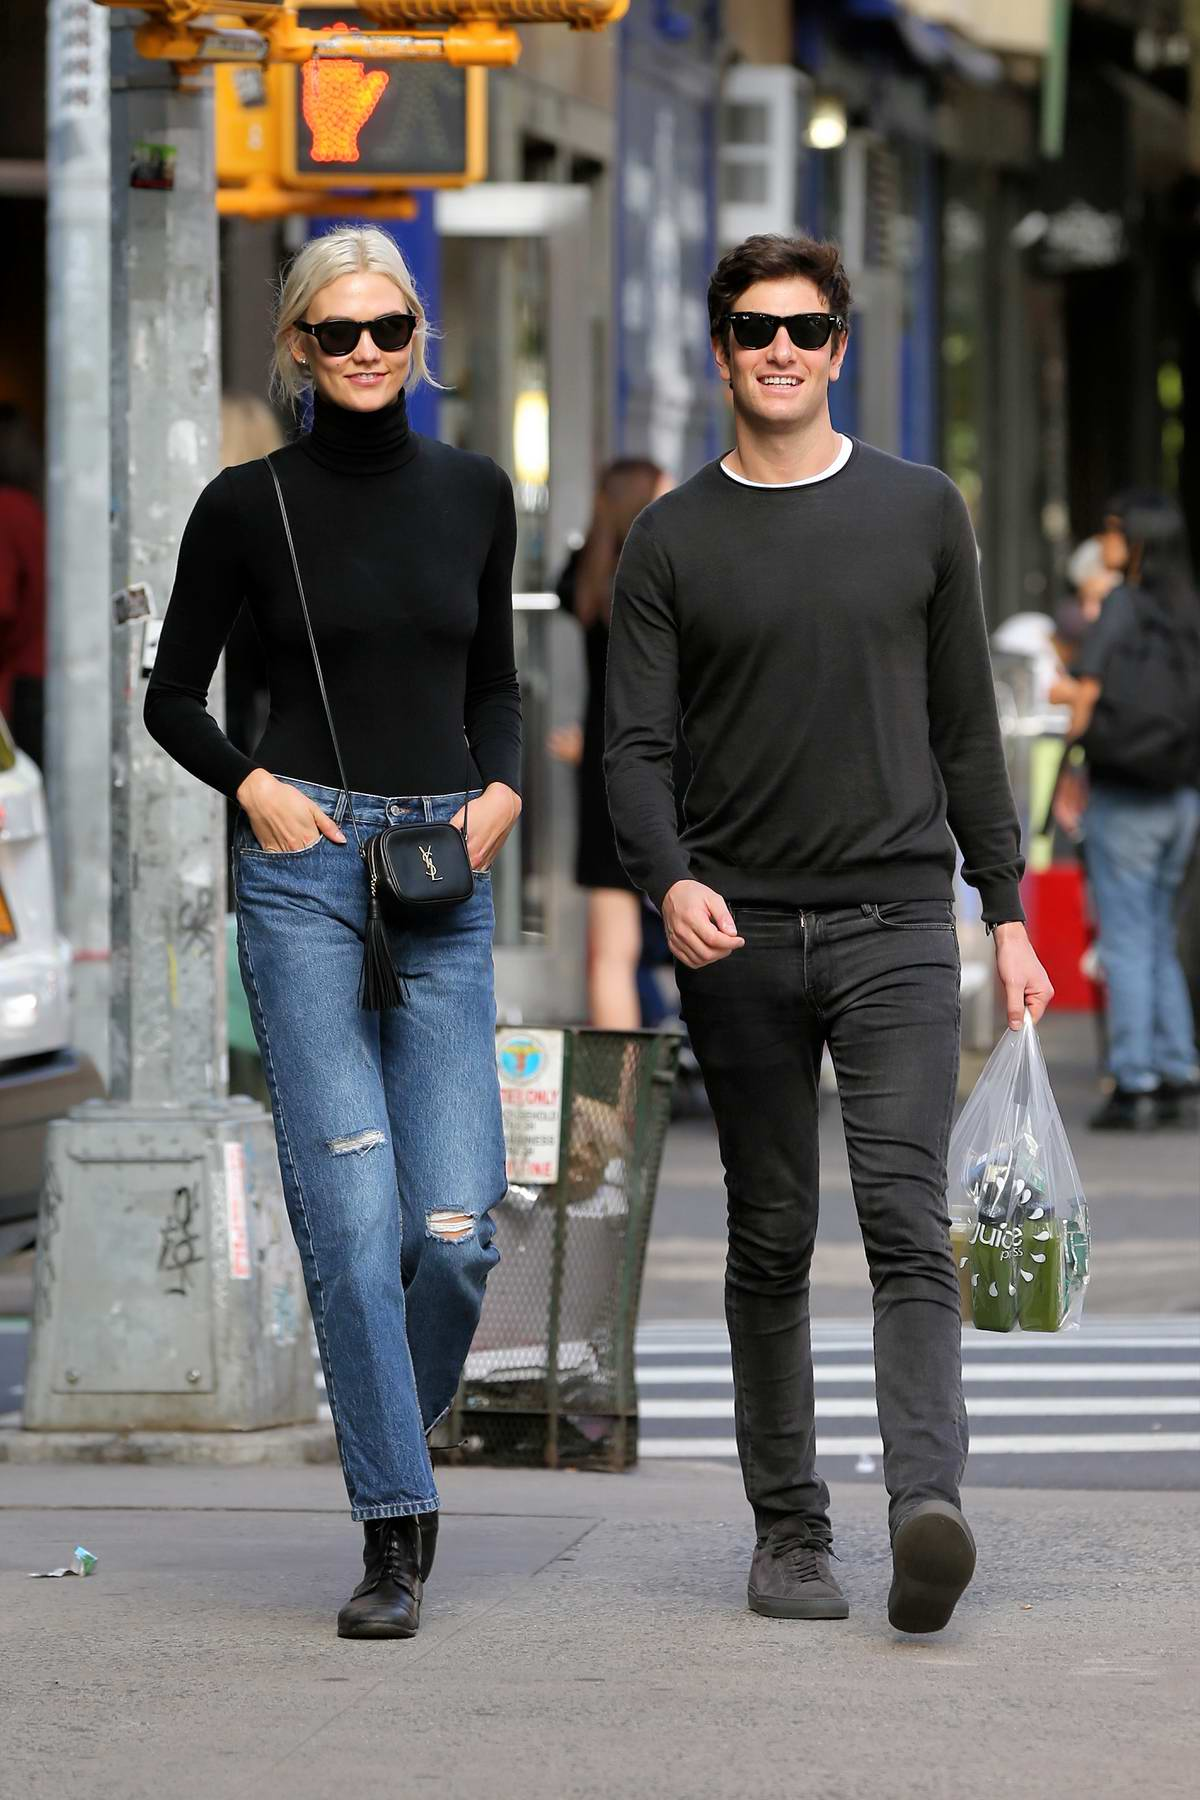 Karlie Kloss walks home with boyfriend Joshua Kushner in West Village, New York City